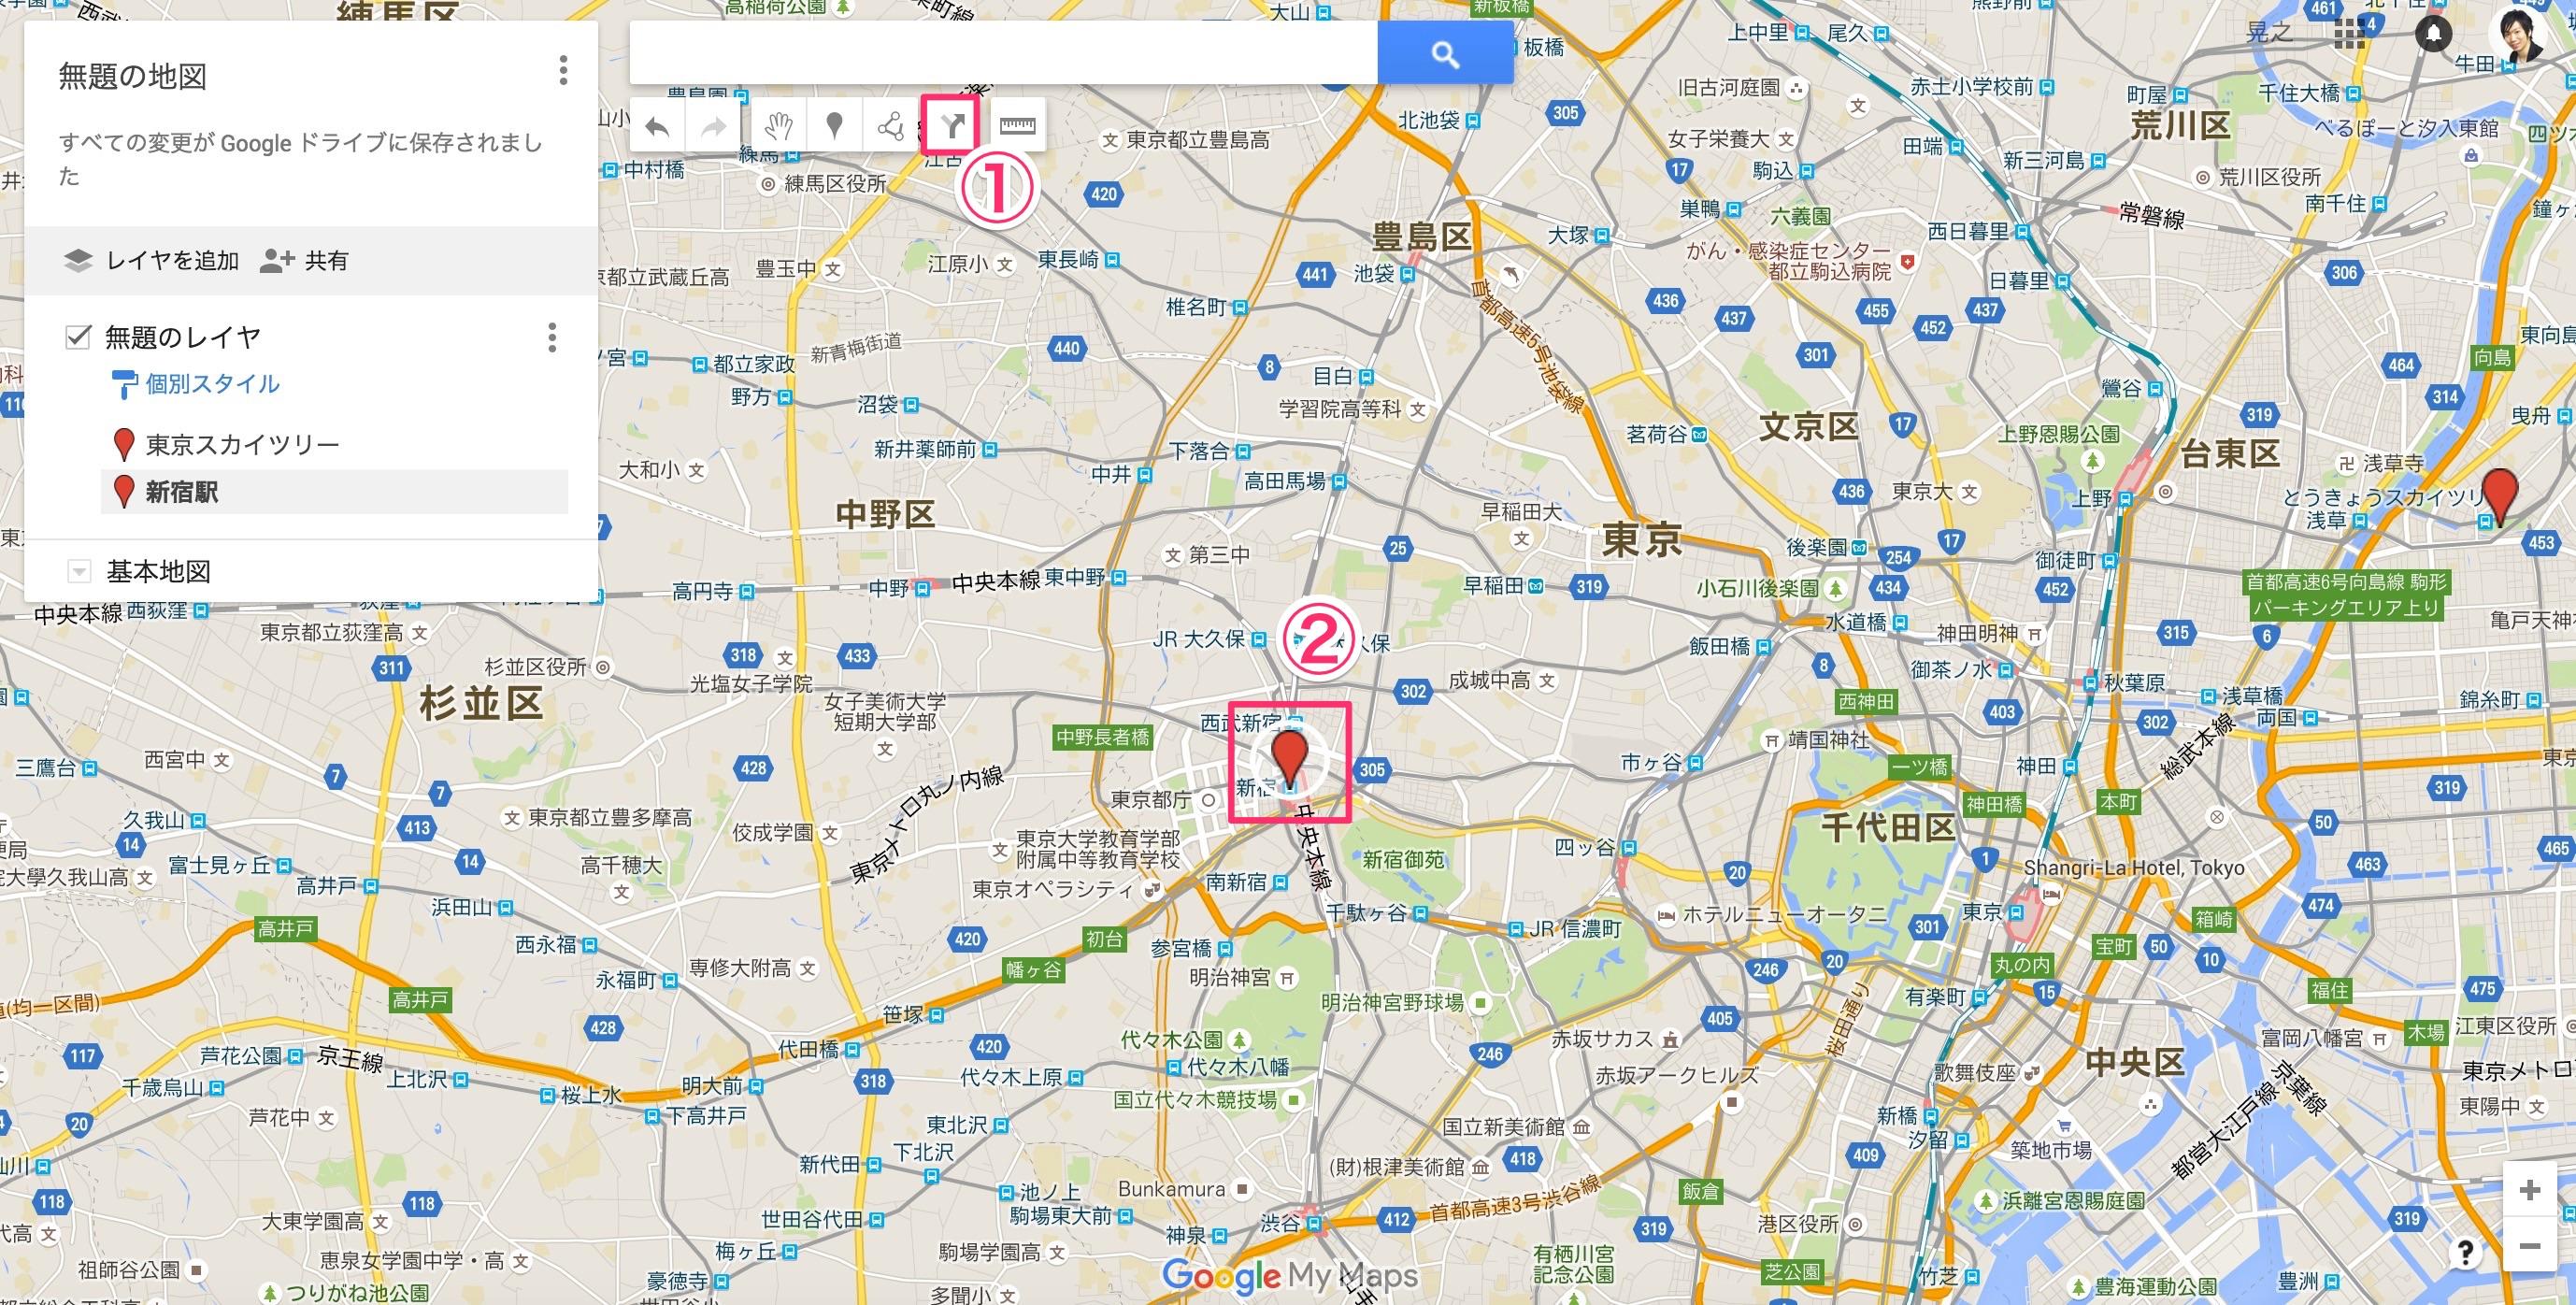 googlemapのマイプレイスの使い方8